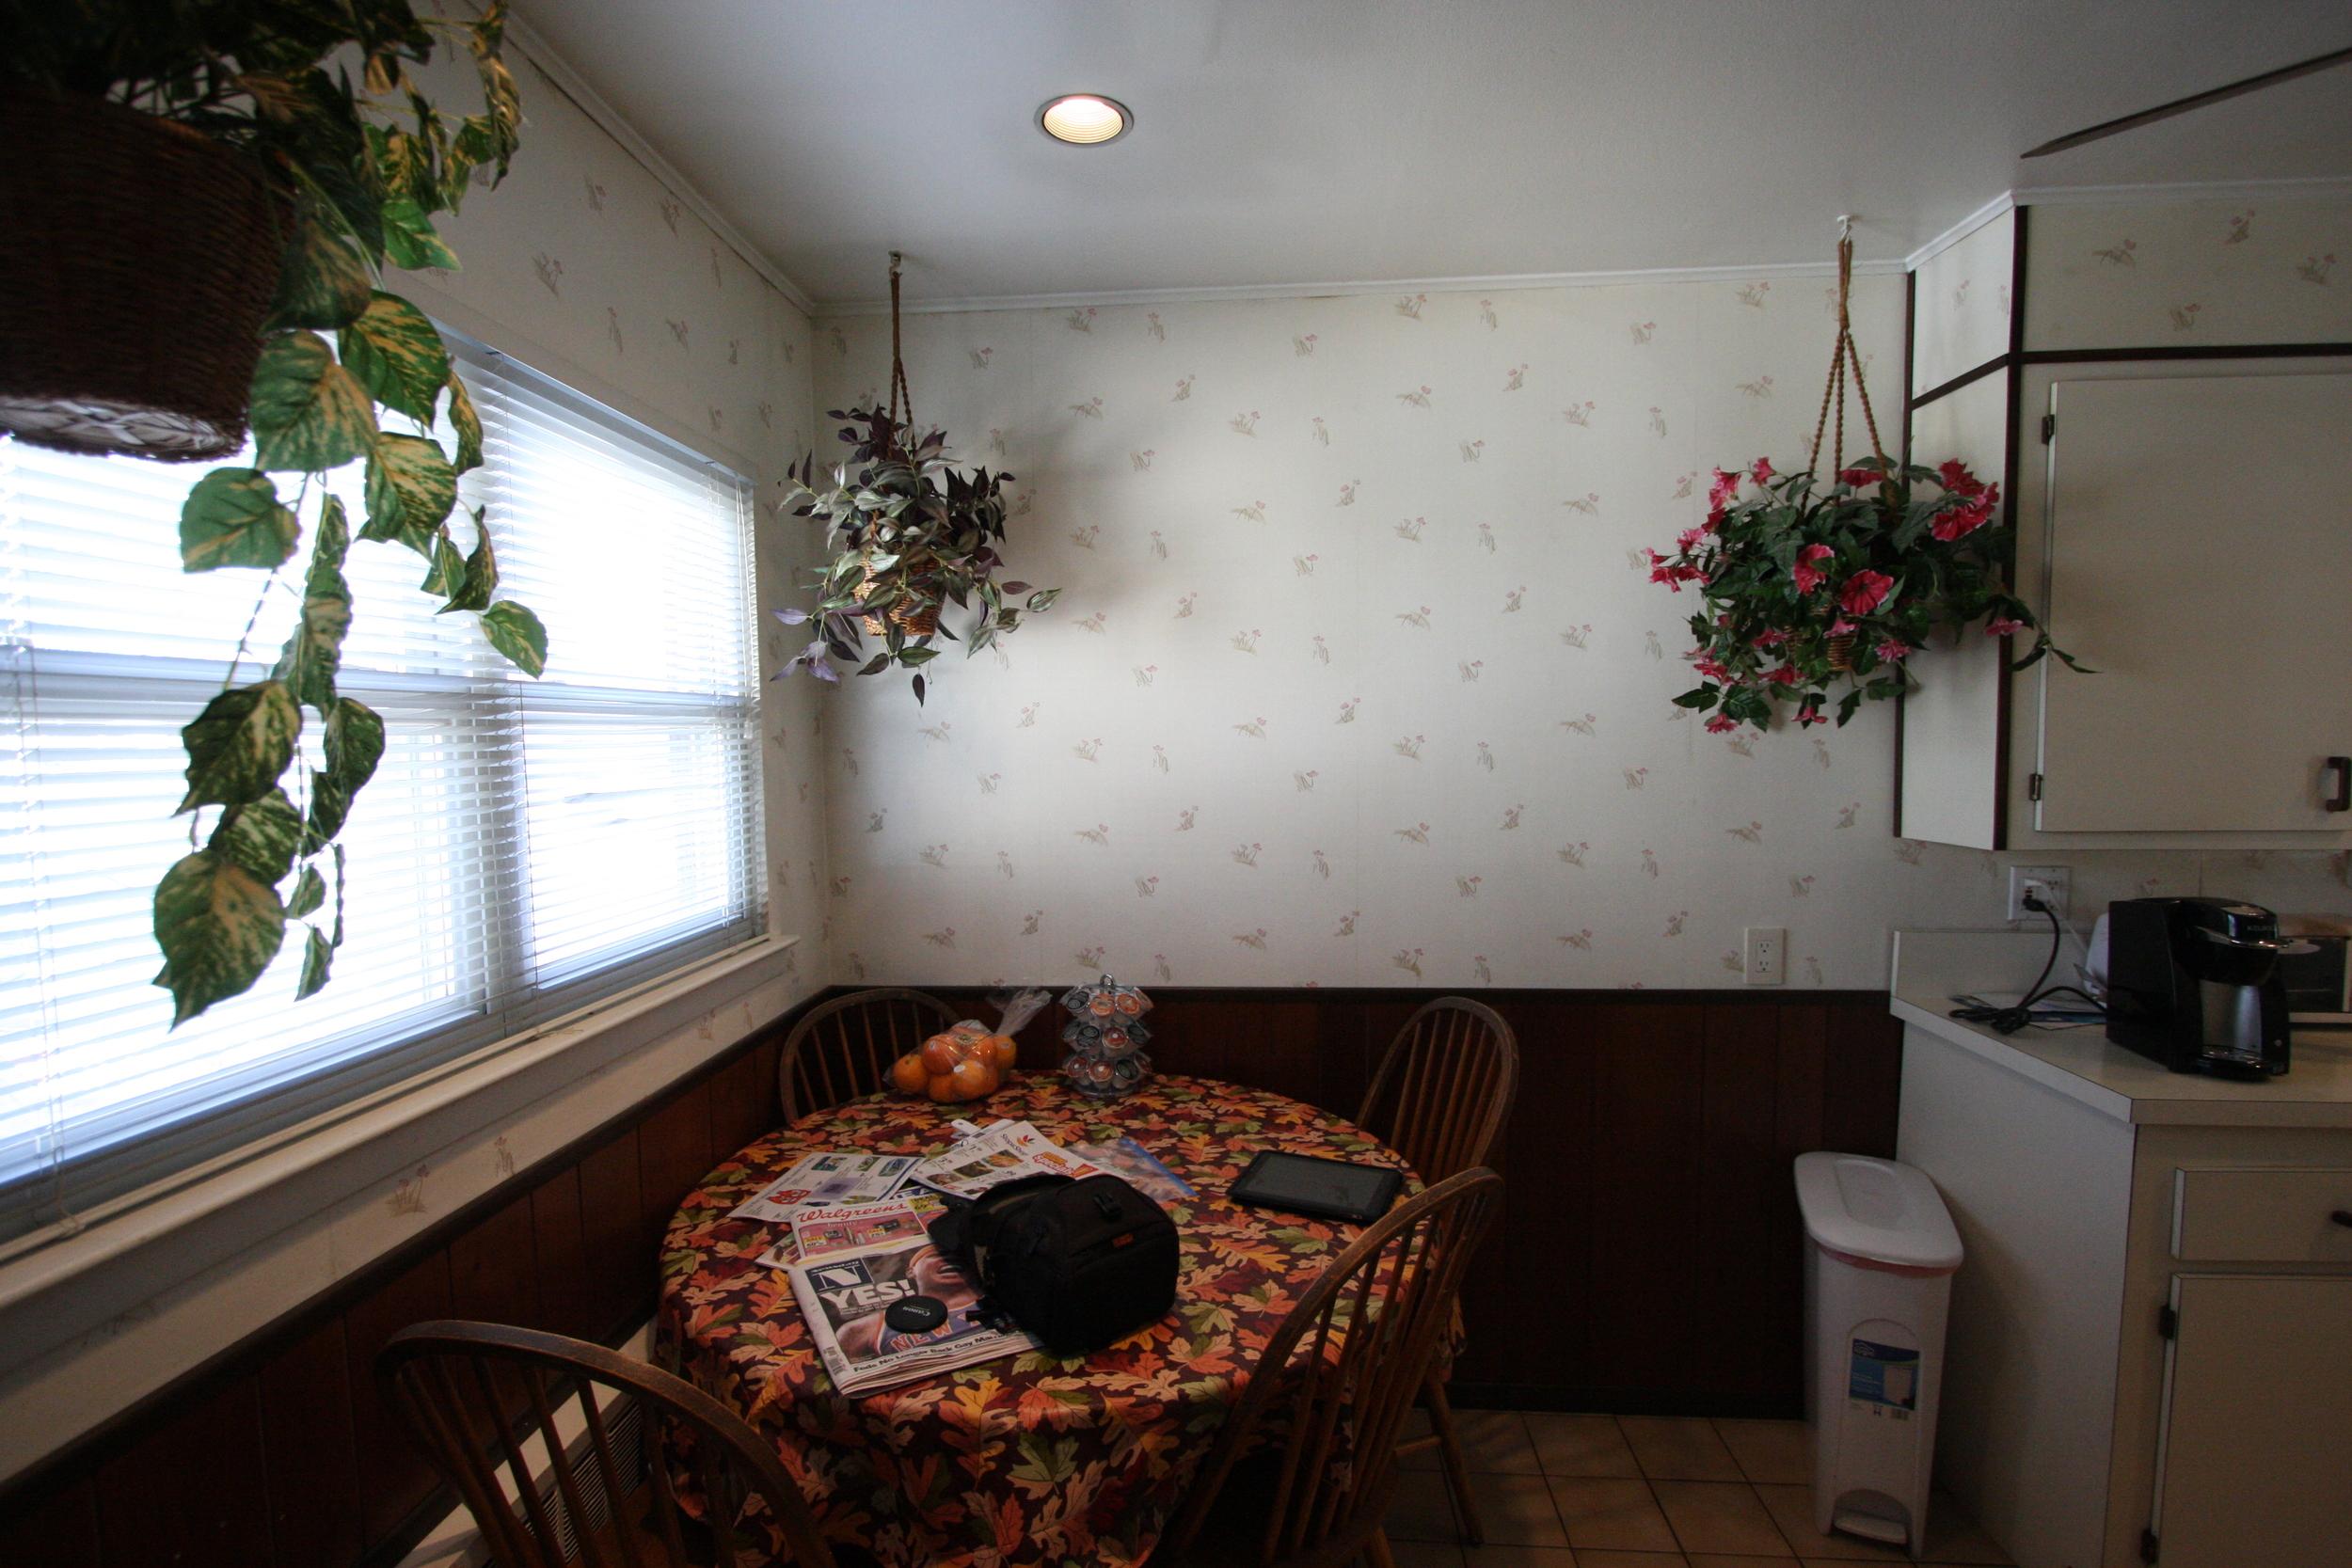 Masterson kitchen 2-17-11 025.jpg